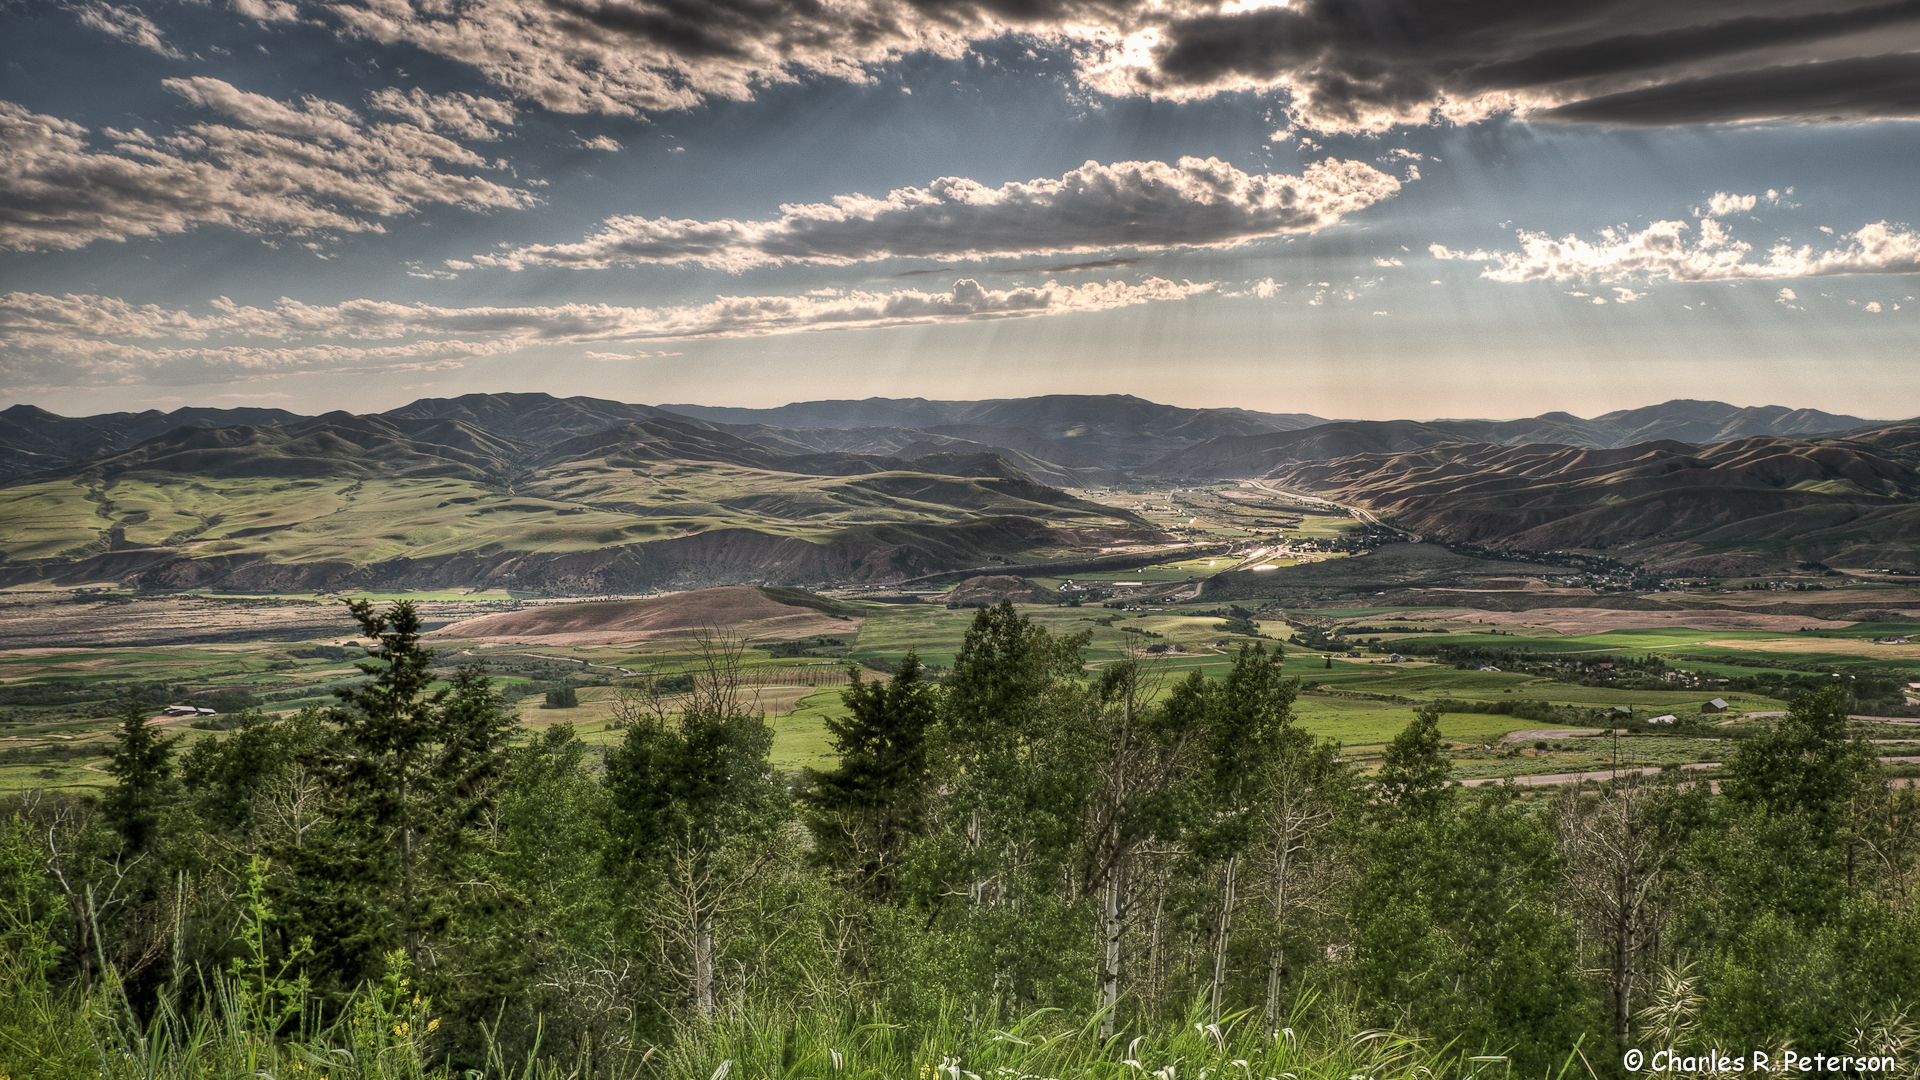 Portneuf Valley